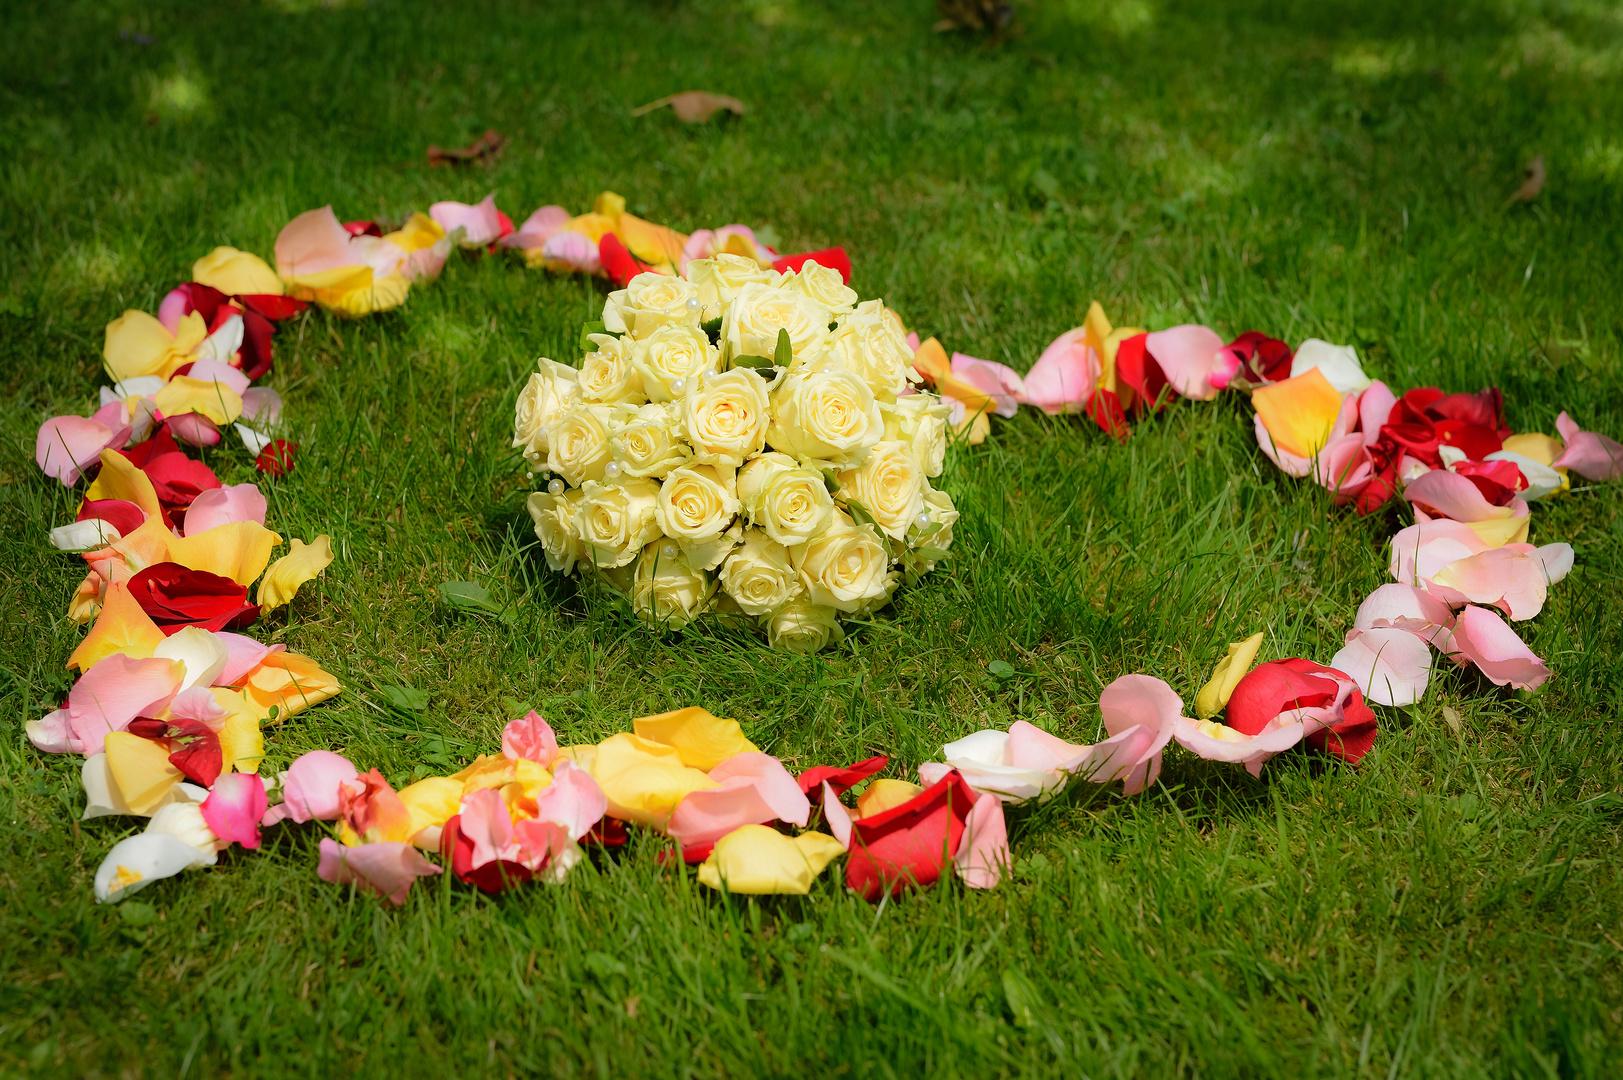 Hochzeitsstrauss Mitten Im Herz O Foto Bild Hochzeit Menschen